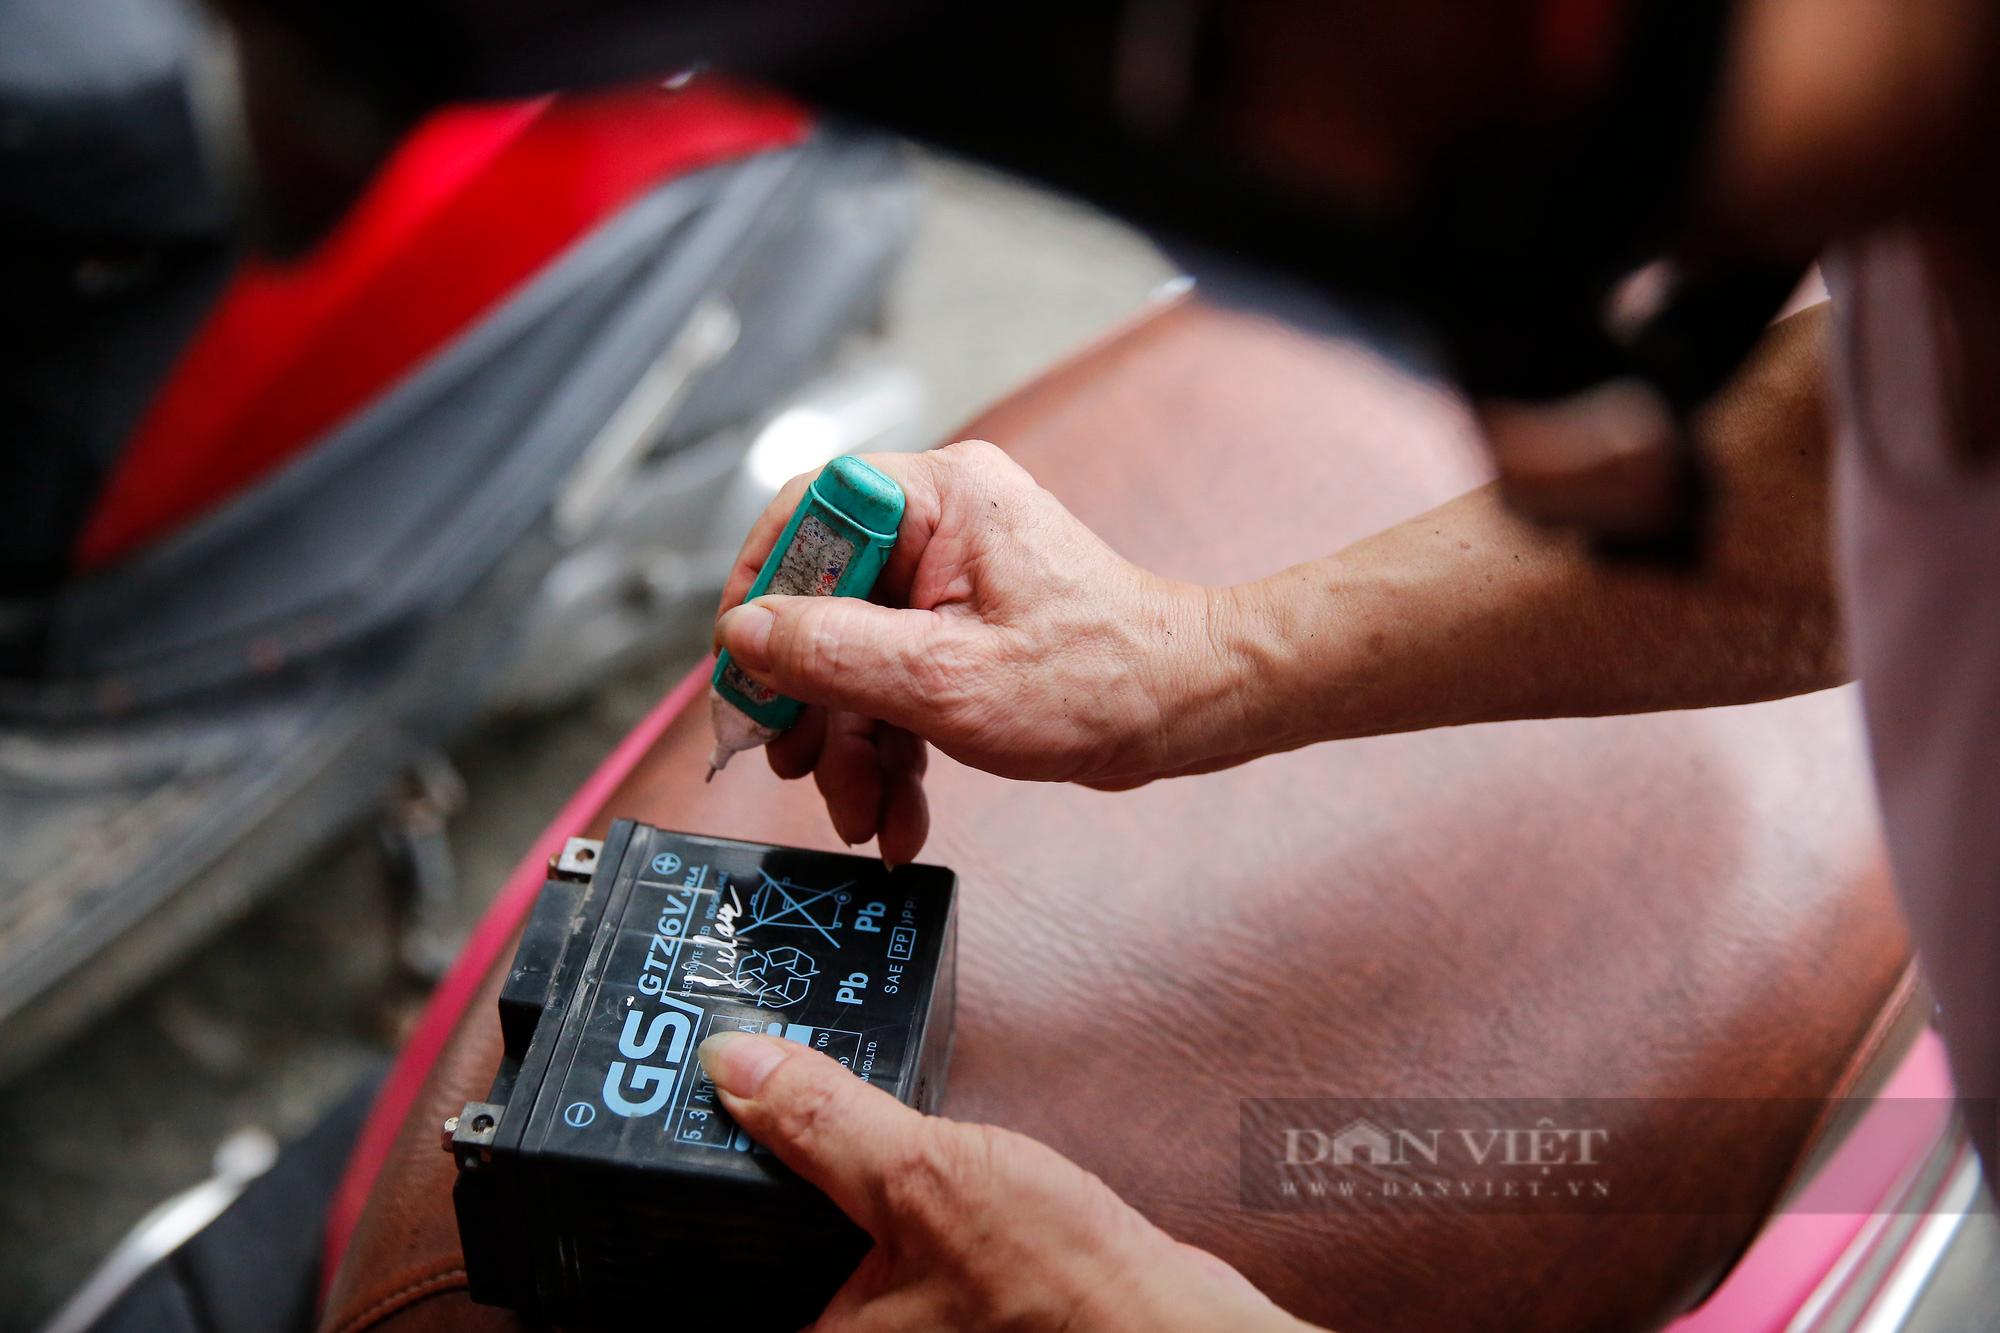 Hà Nội: Mang xe máy đi sửa, khách hàng phải chờ từ sáng đến chiều tối mới có thể nhận được xe - Ảnh 7.